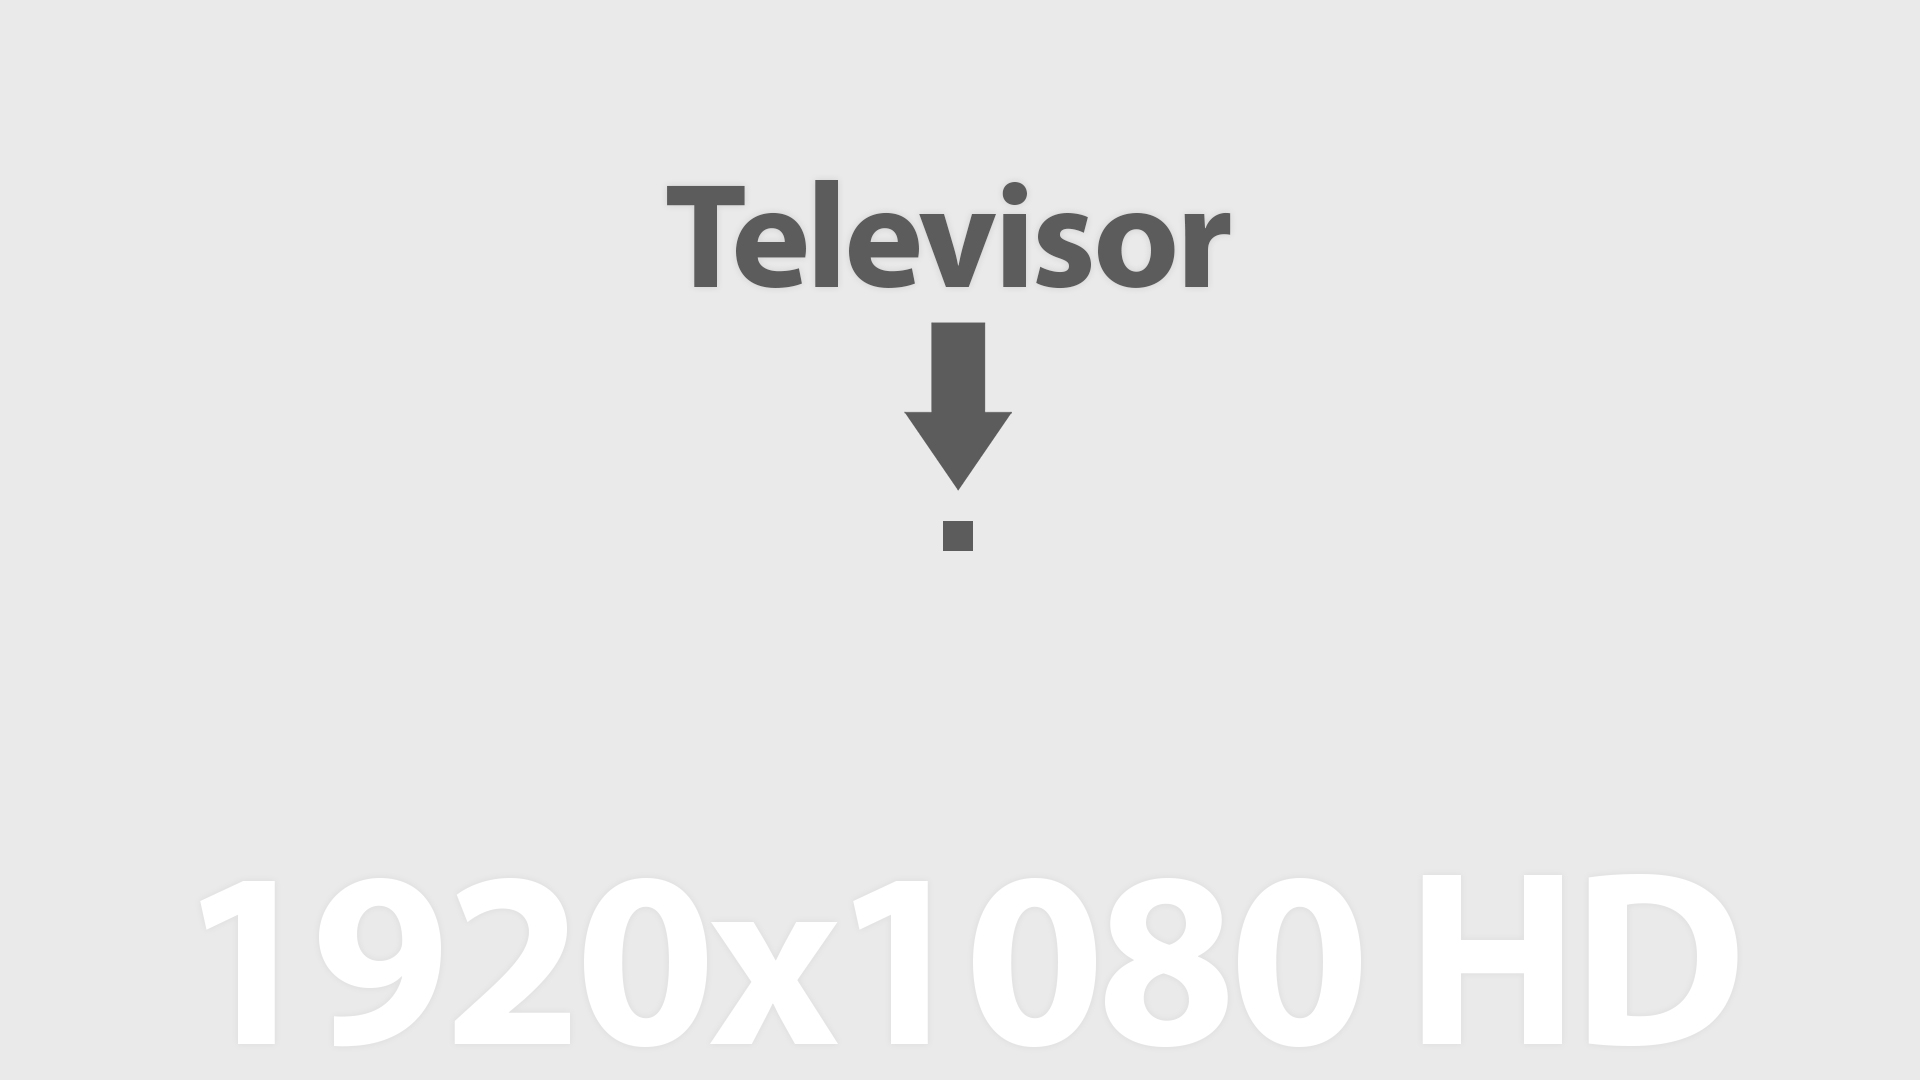 As TVs de 1920 tinham telas do tamanho de uma tampinha de garrafa e 30 linhas de resolução